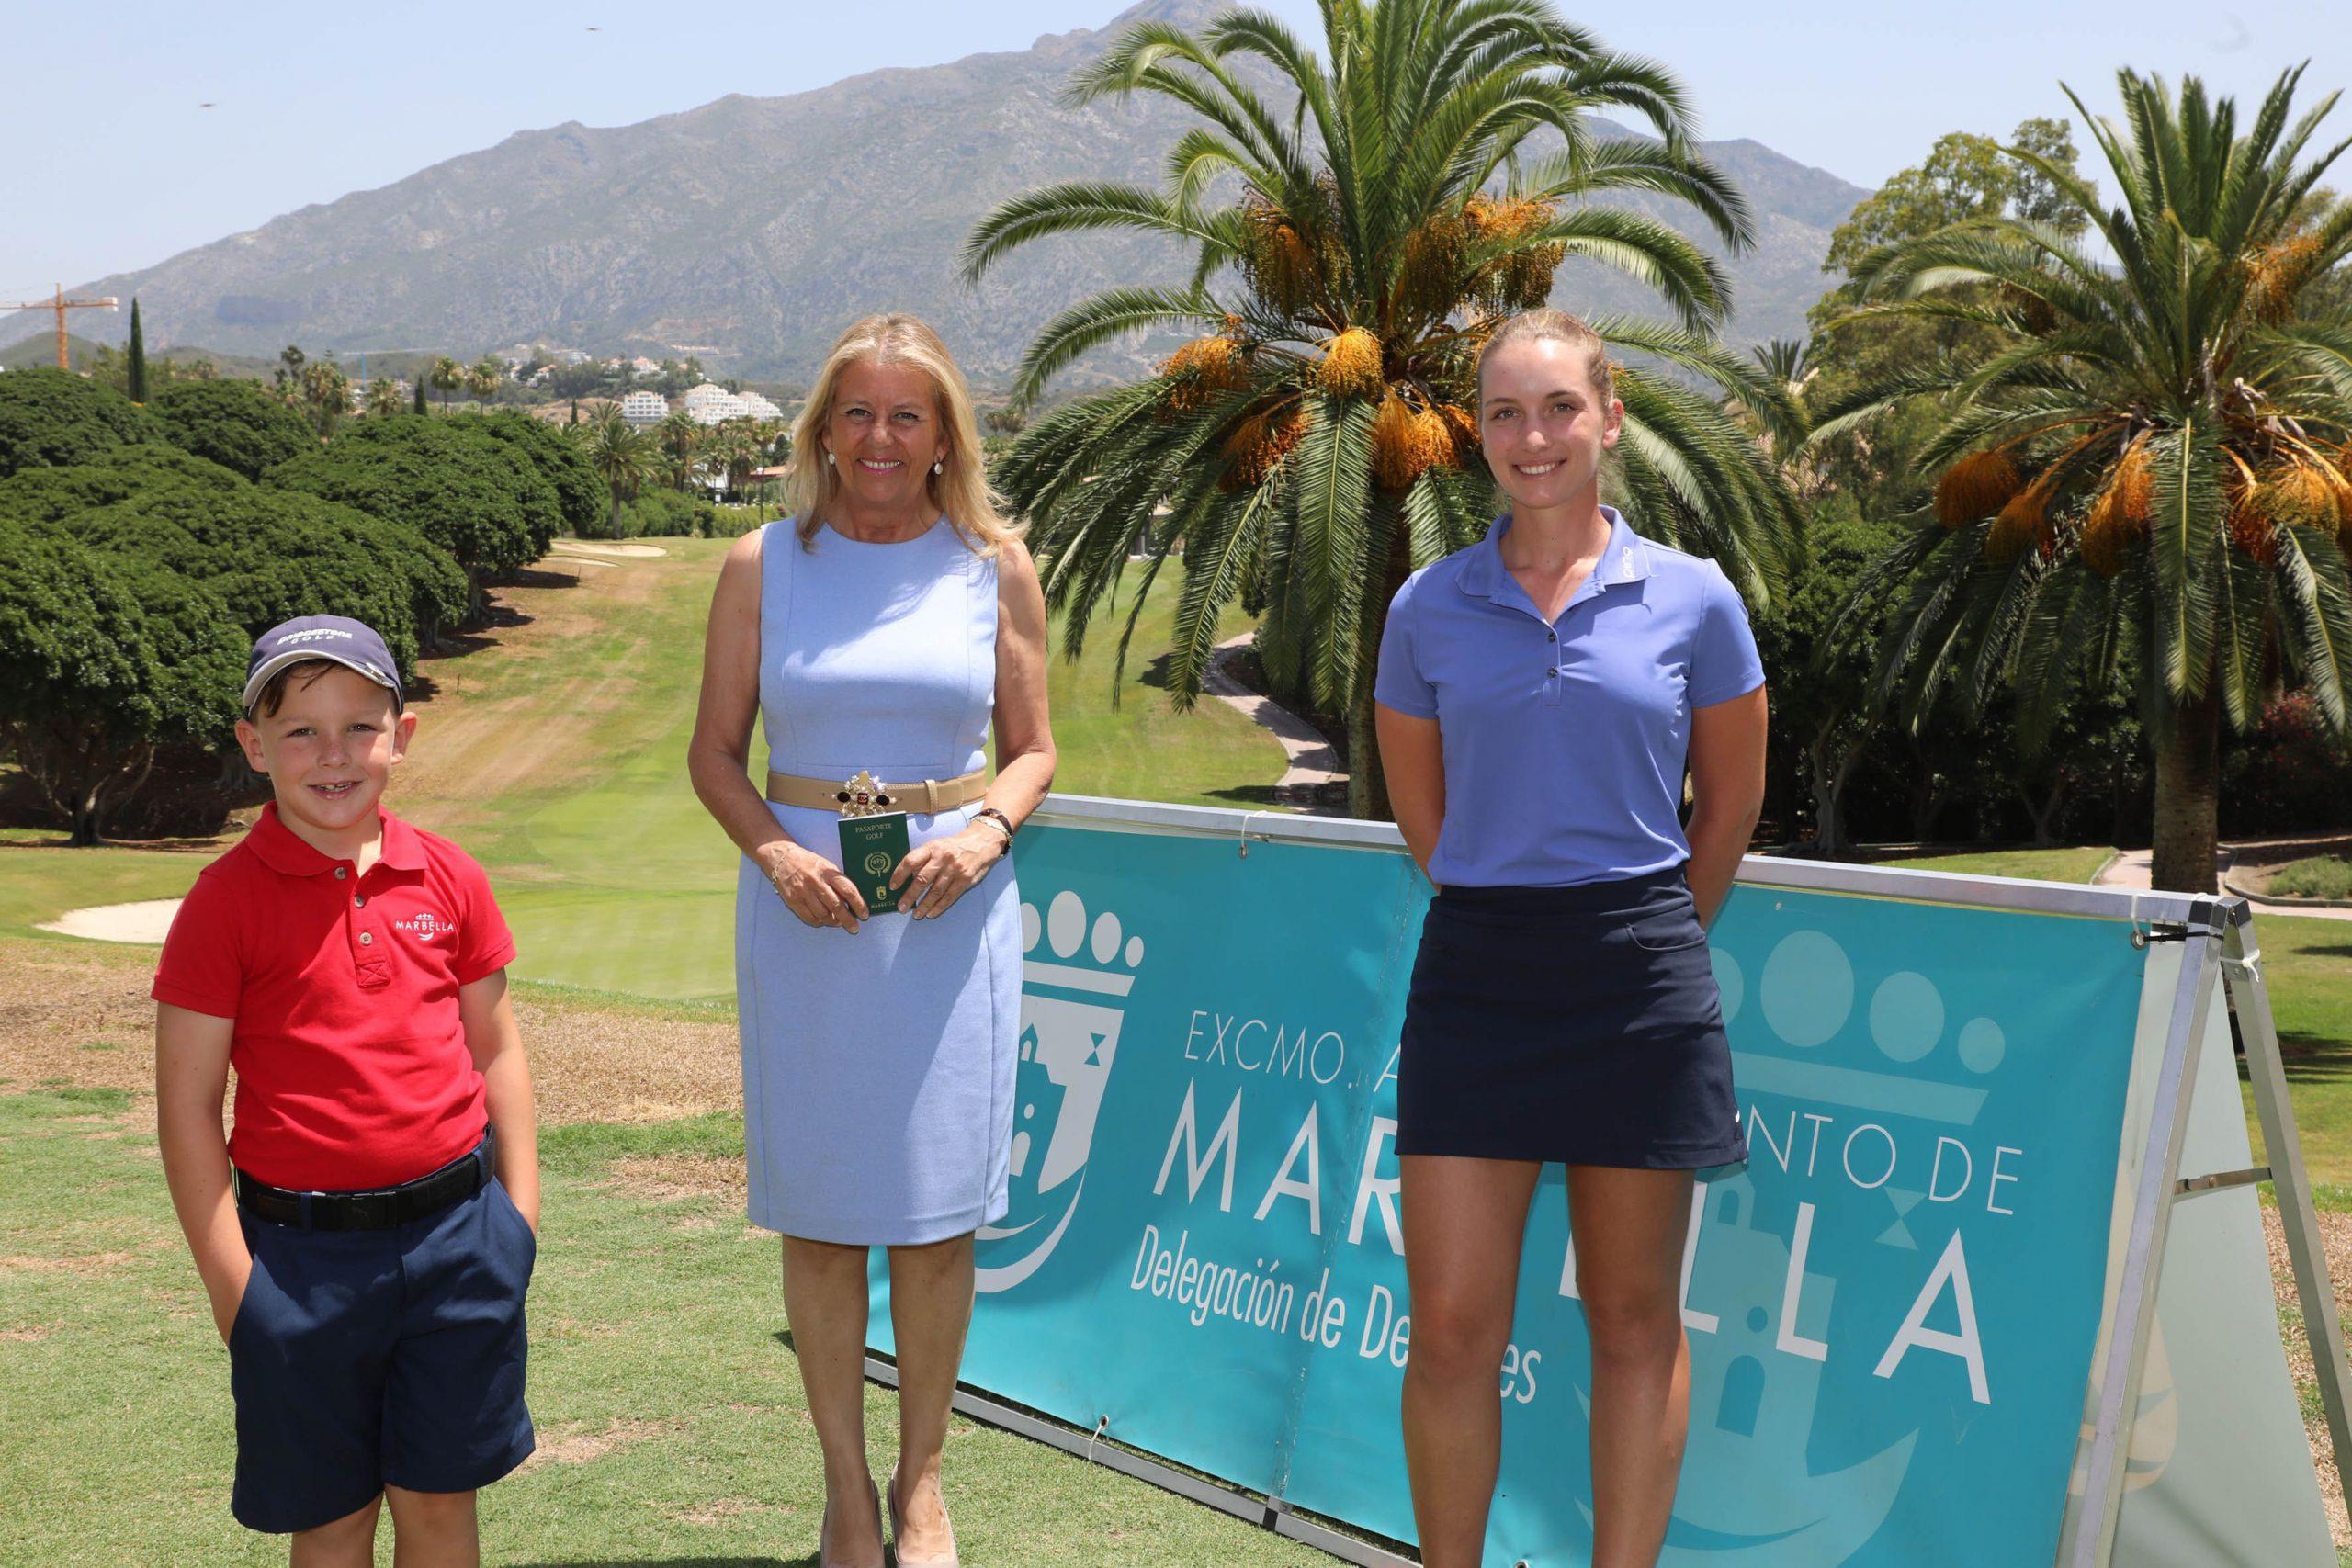 La alcaldesa destaca la iniciativa 'Pasaporte del Golf' para atraer a aficionados